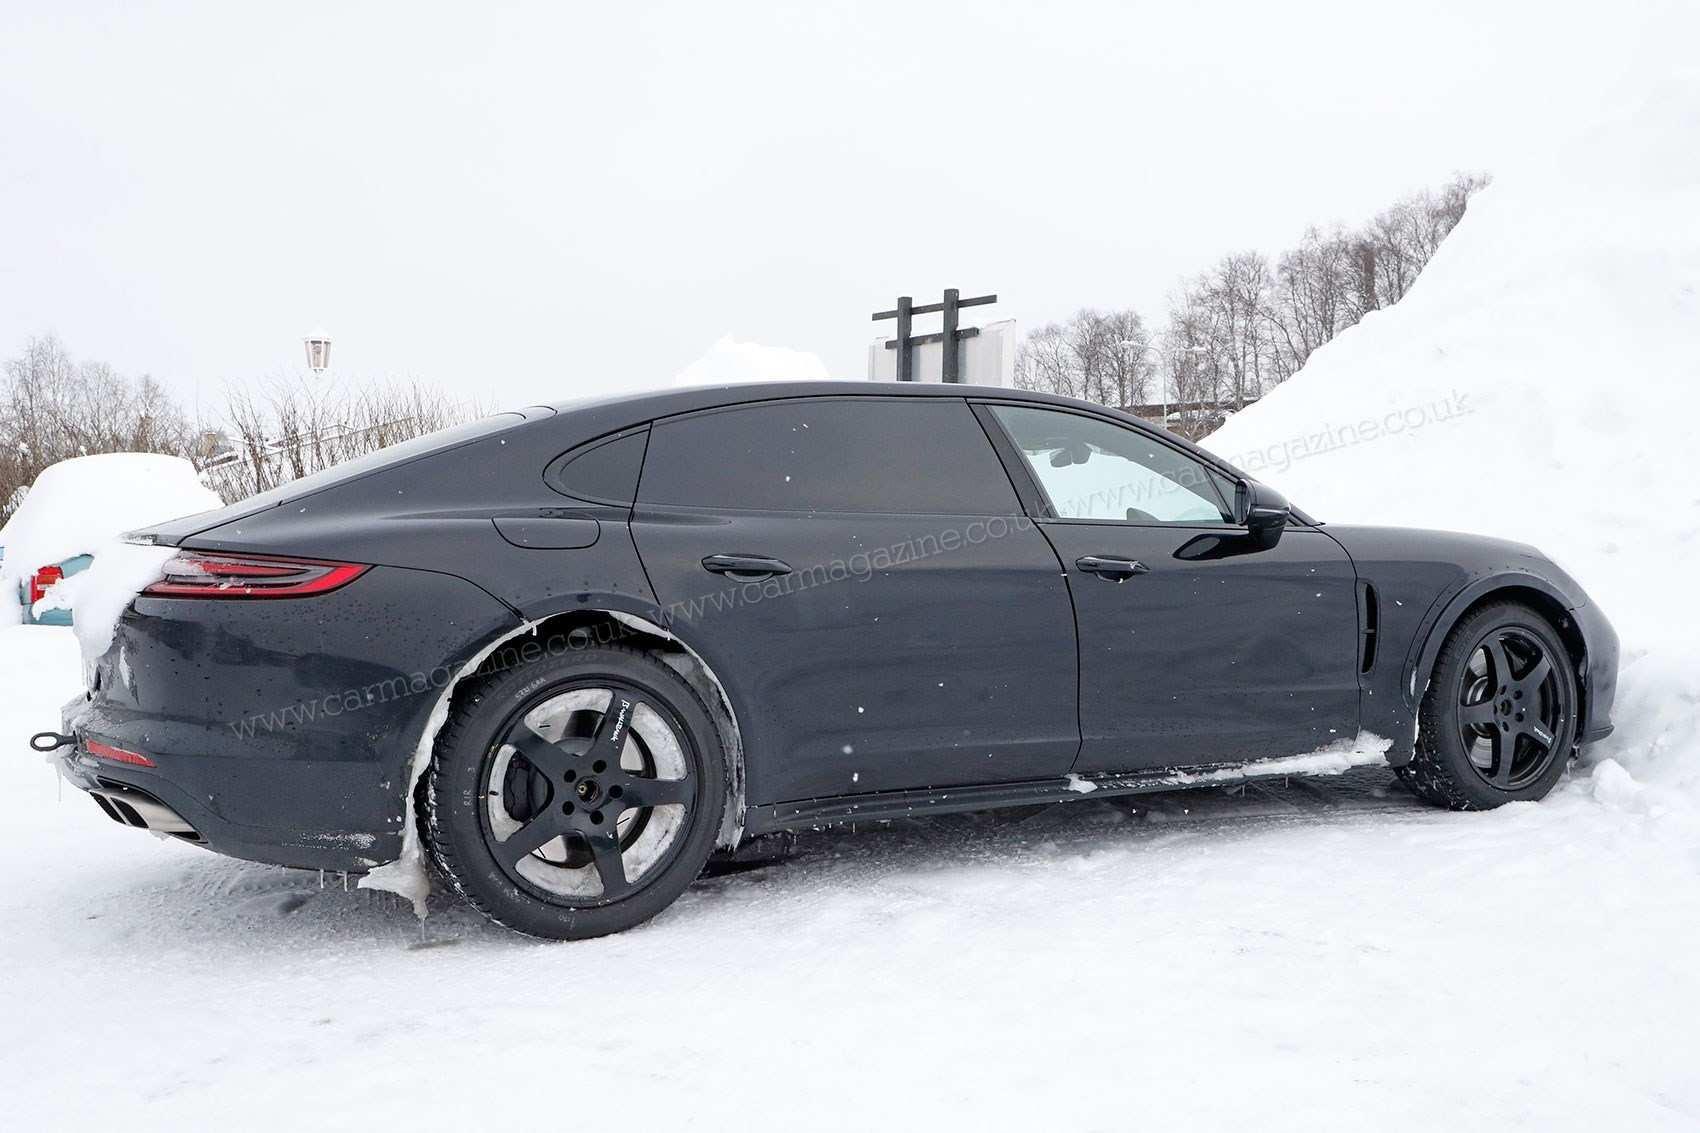 41 New 2019 Bentley 4 Door Performance and New Engine for 2019 Bentley 4 Door